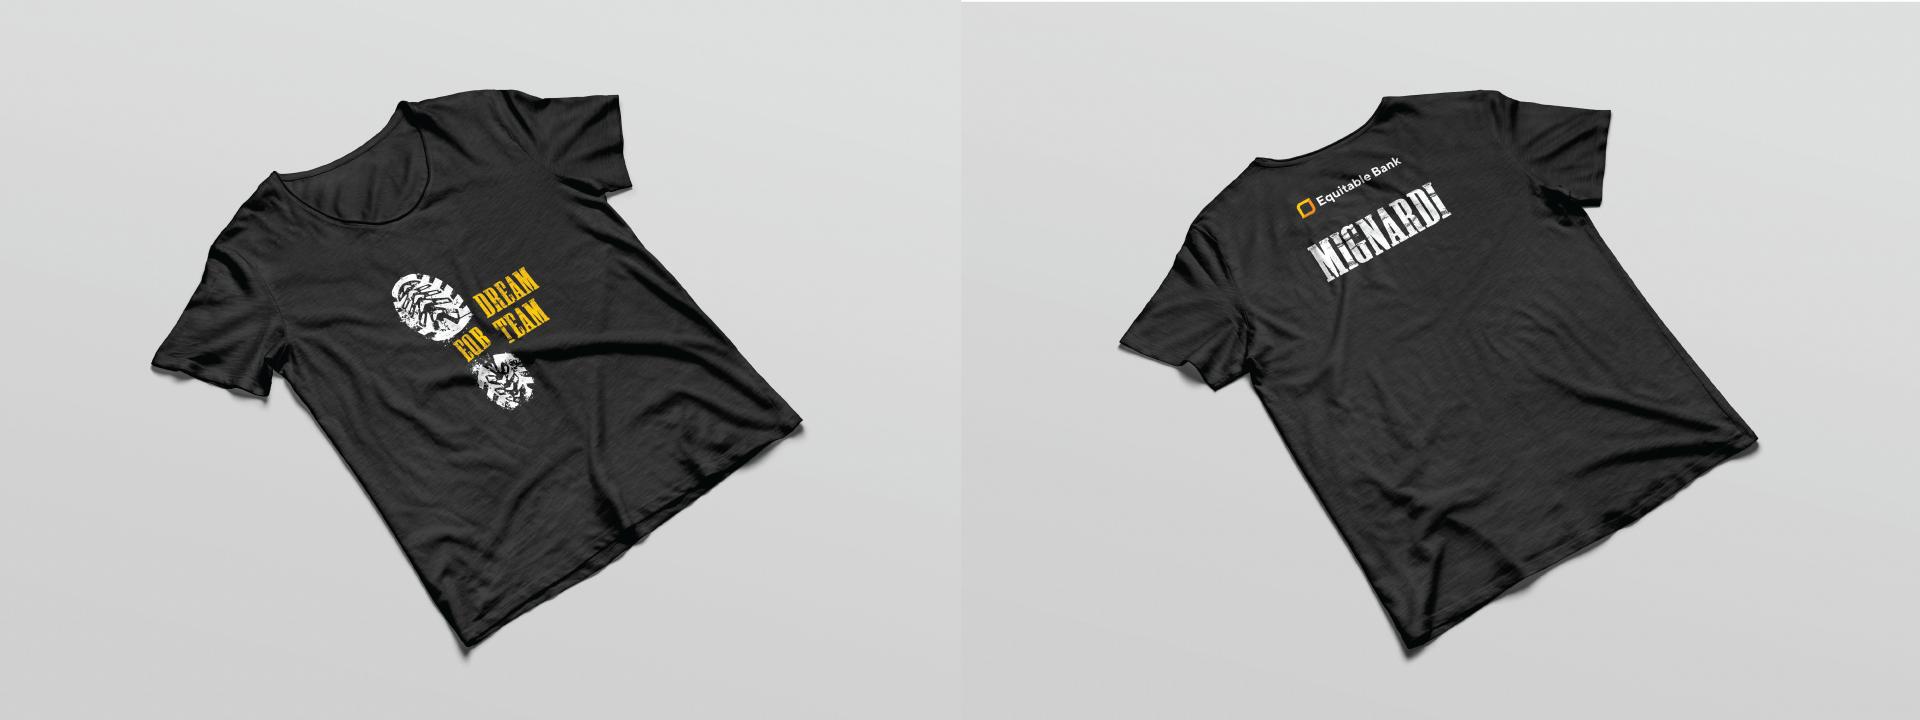 Tshirt-Designs.png